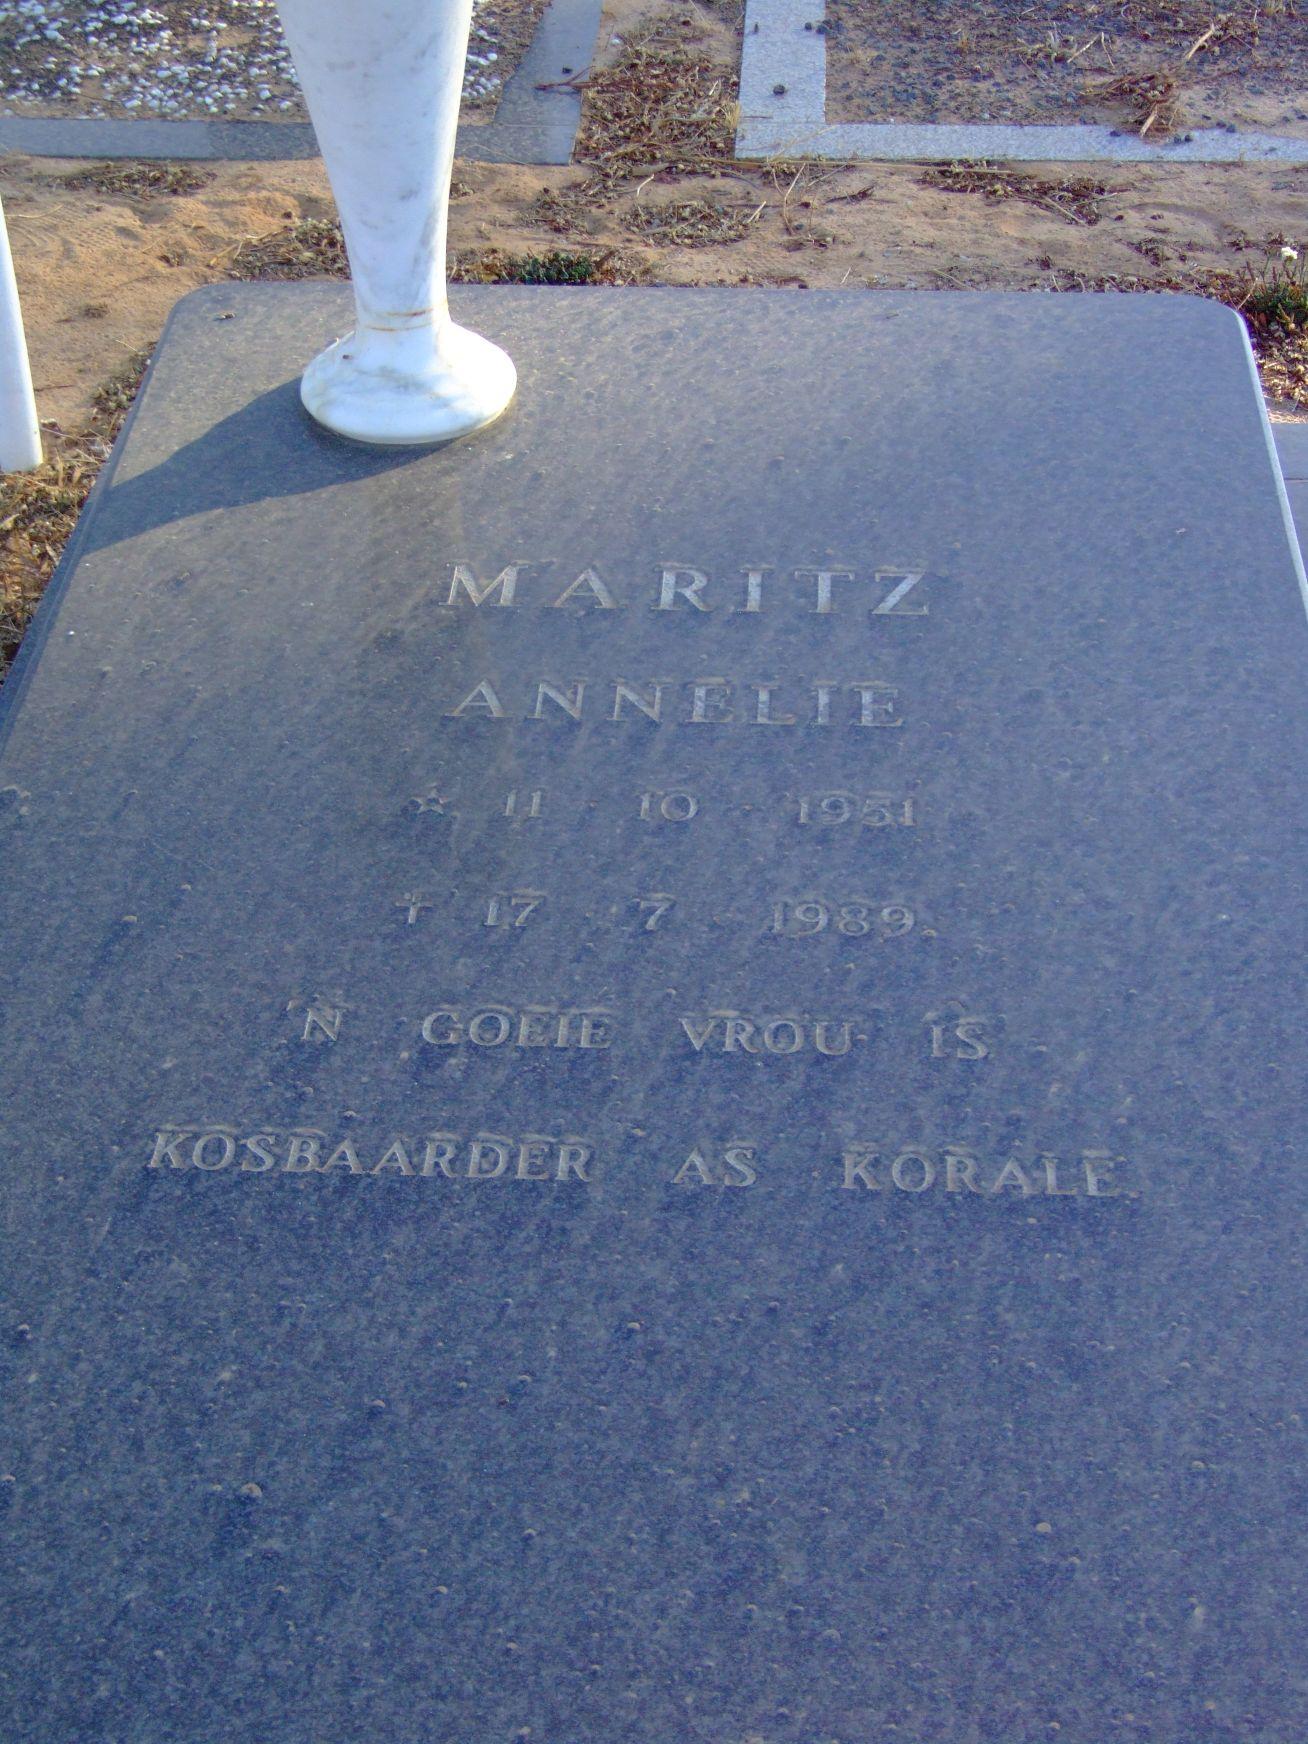 Maritz, Annelie